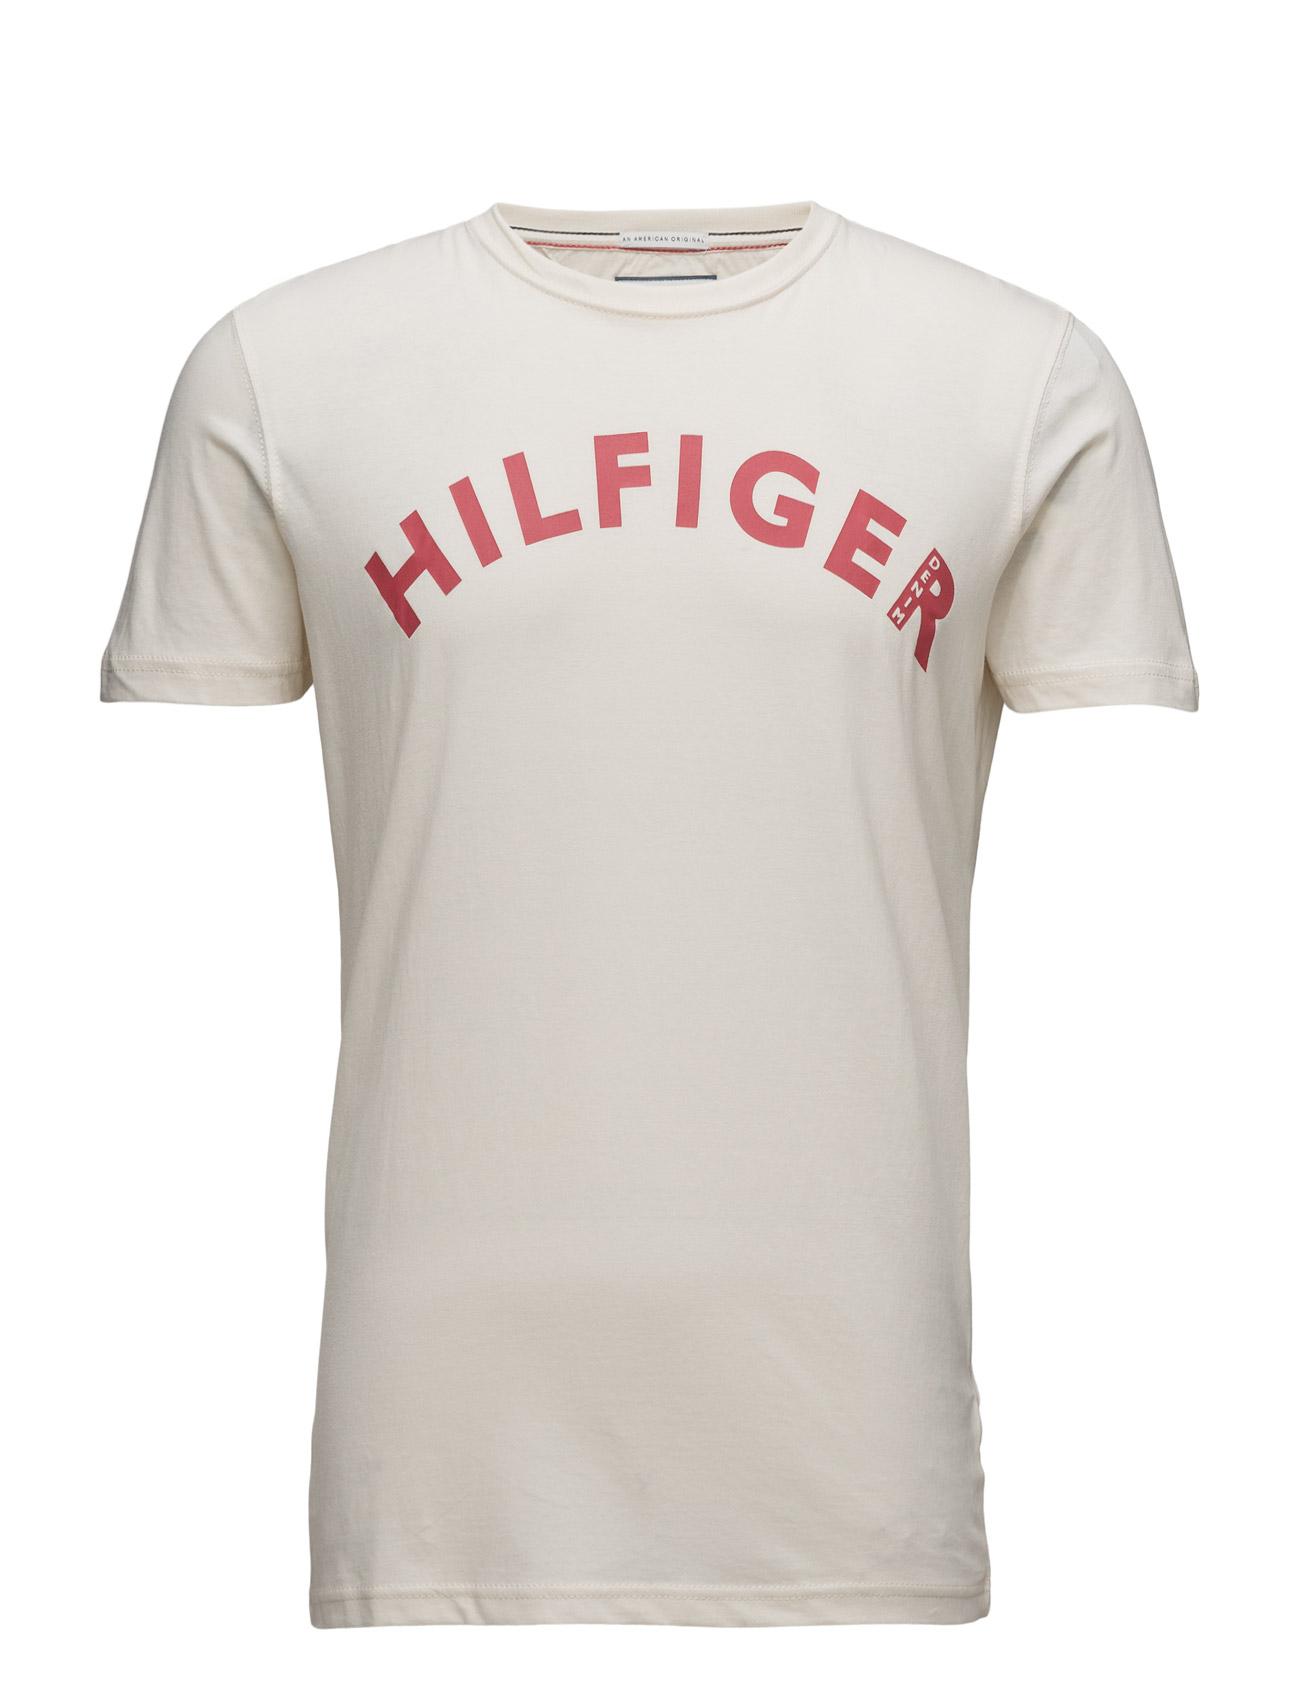 Thdm Cn T-Shirt S/S 10 Hilfiger Denim Kortærmede til Mænd i Grå